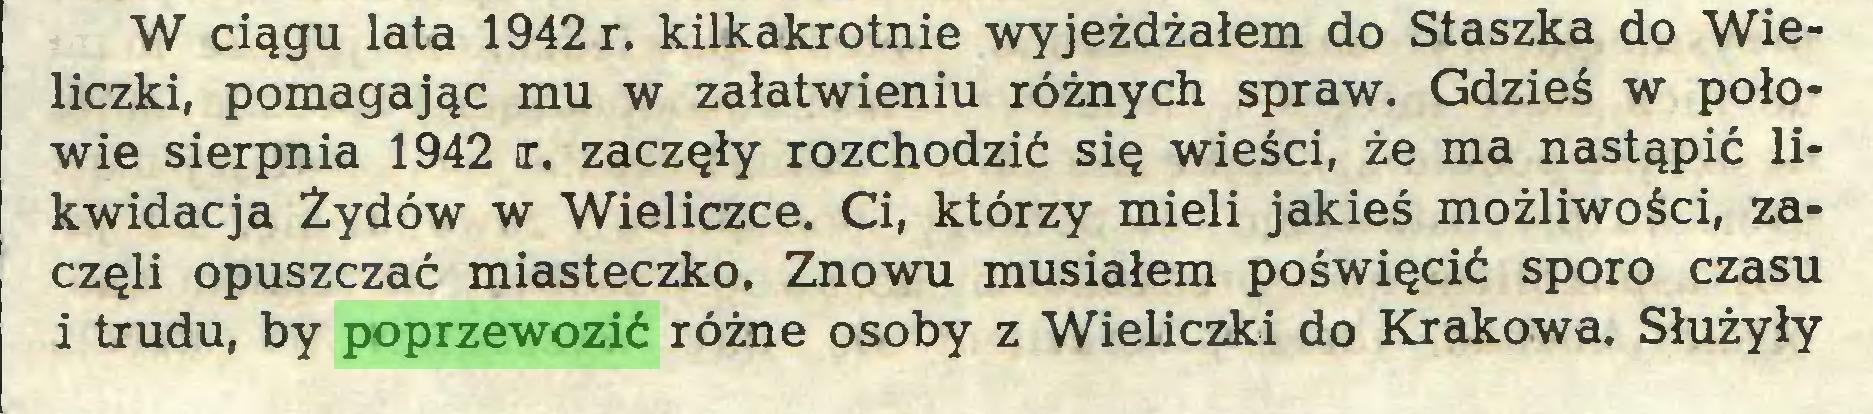 (...) W ciągu lata 1942 r. kilkakrotnie wyjeżdżałem do Staszka do Wieliczki, pomagając mu w załatwieniu różnych spraw. Gdzieś w połowie sierpnia 1942 x. zaczęły rozchodzić się wieści, że ma nastąpić likwidacja Żydów w Wieliczce. Ci, którzy mieli jakieś możliwości, zaczęli opuszczać miasteczko. Znowu musiałem poświęcić sporo czasu i trudu, by poprzewozić różne osoby z Wieliczki do Krakowa. Służyły...